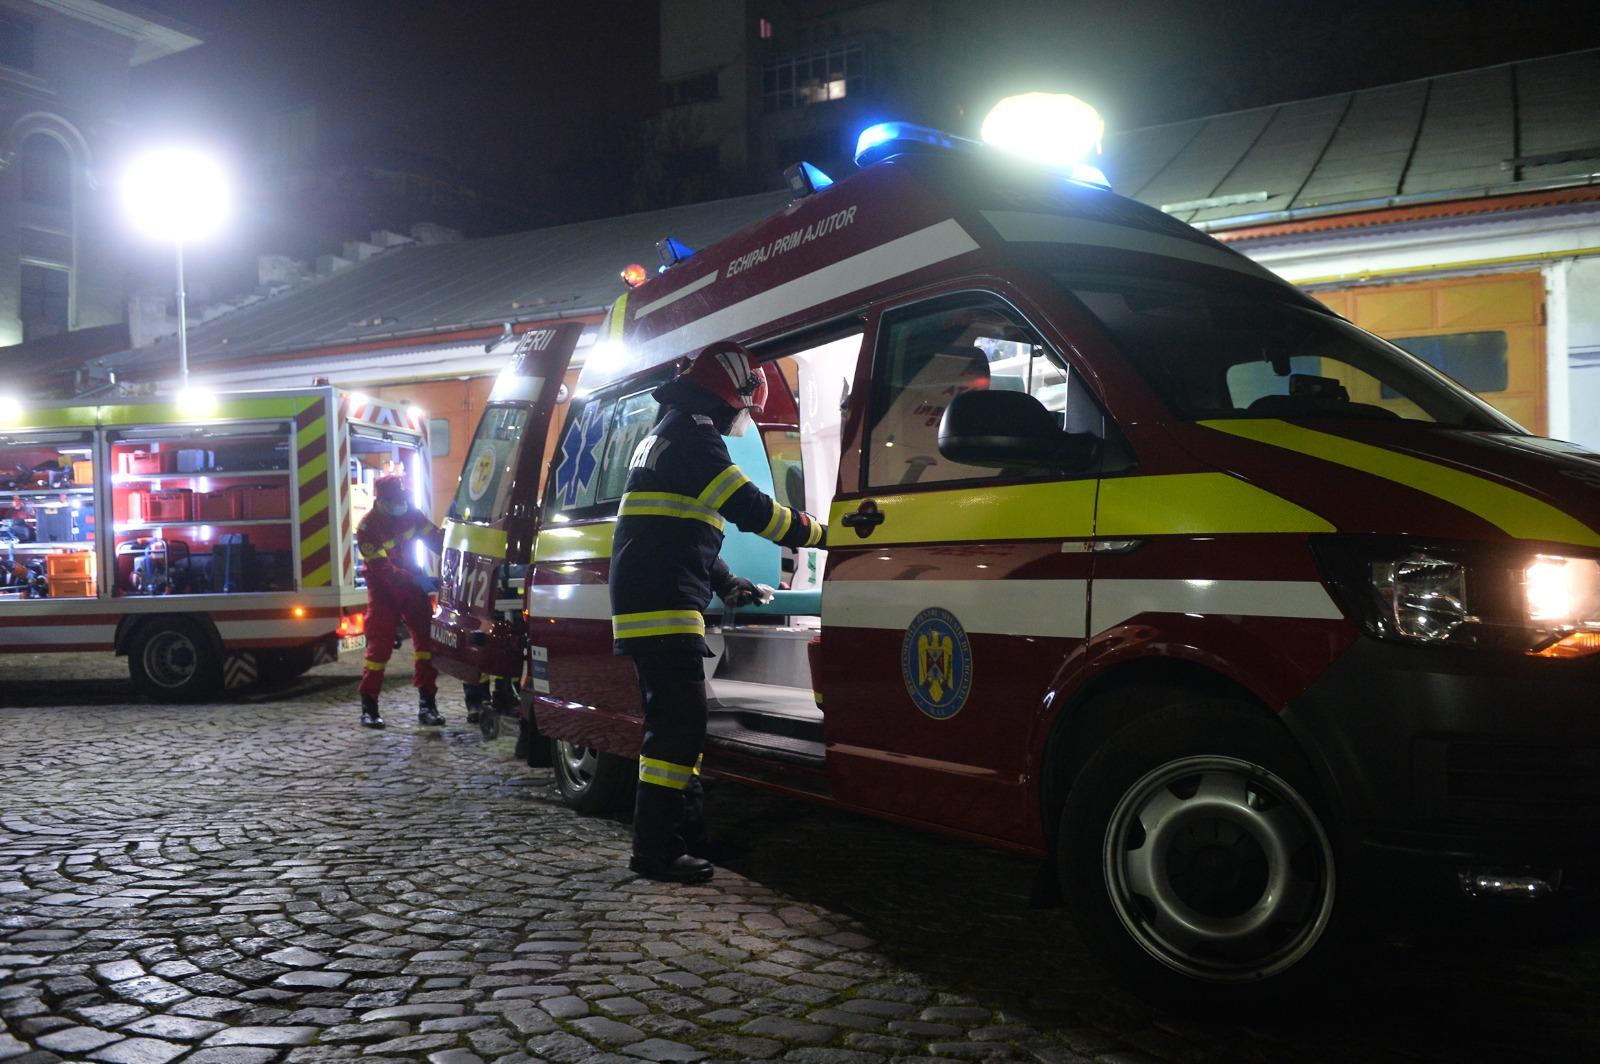 Incendiu la Spitalul Matei Balș din Capitală. Patru persoane au decedat